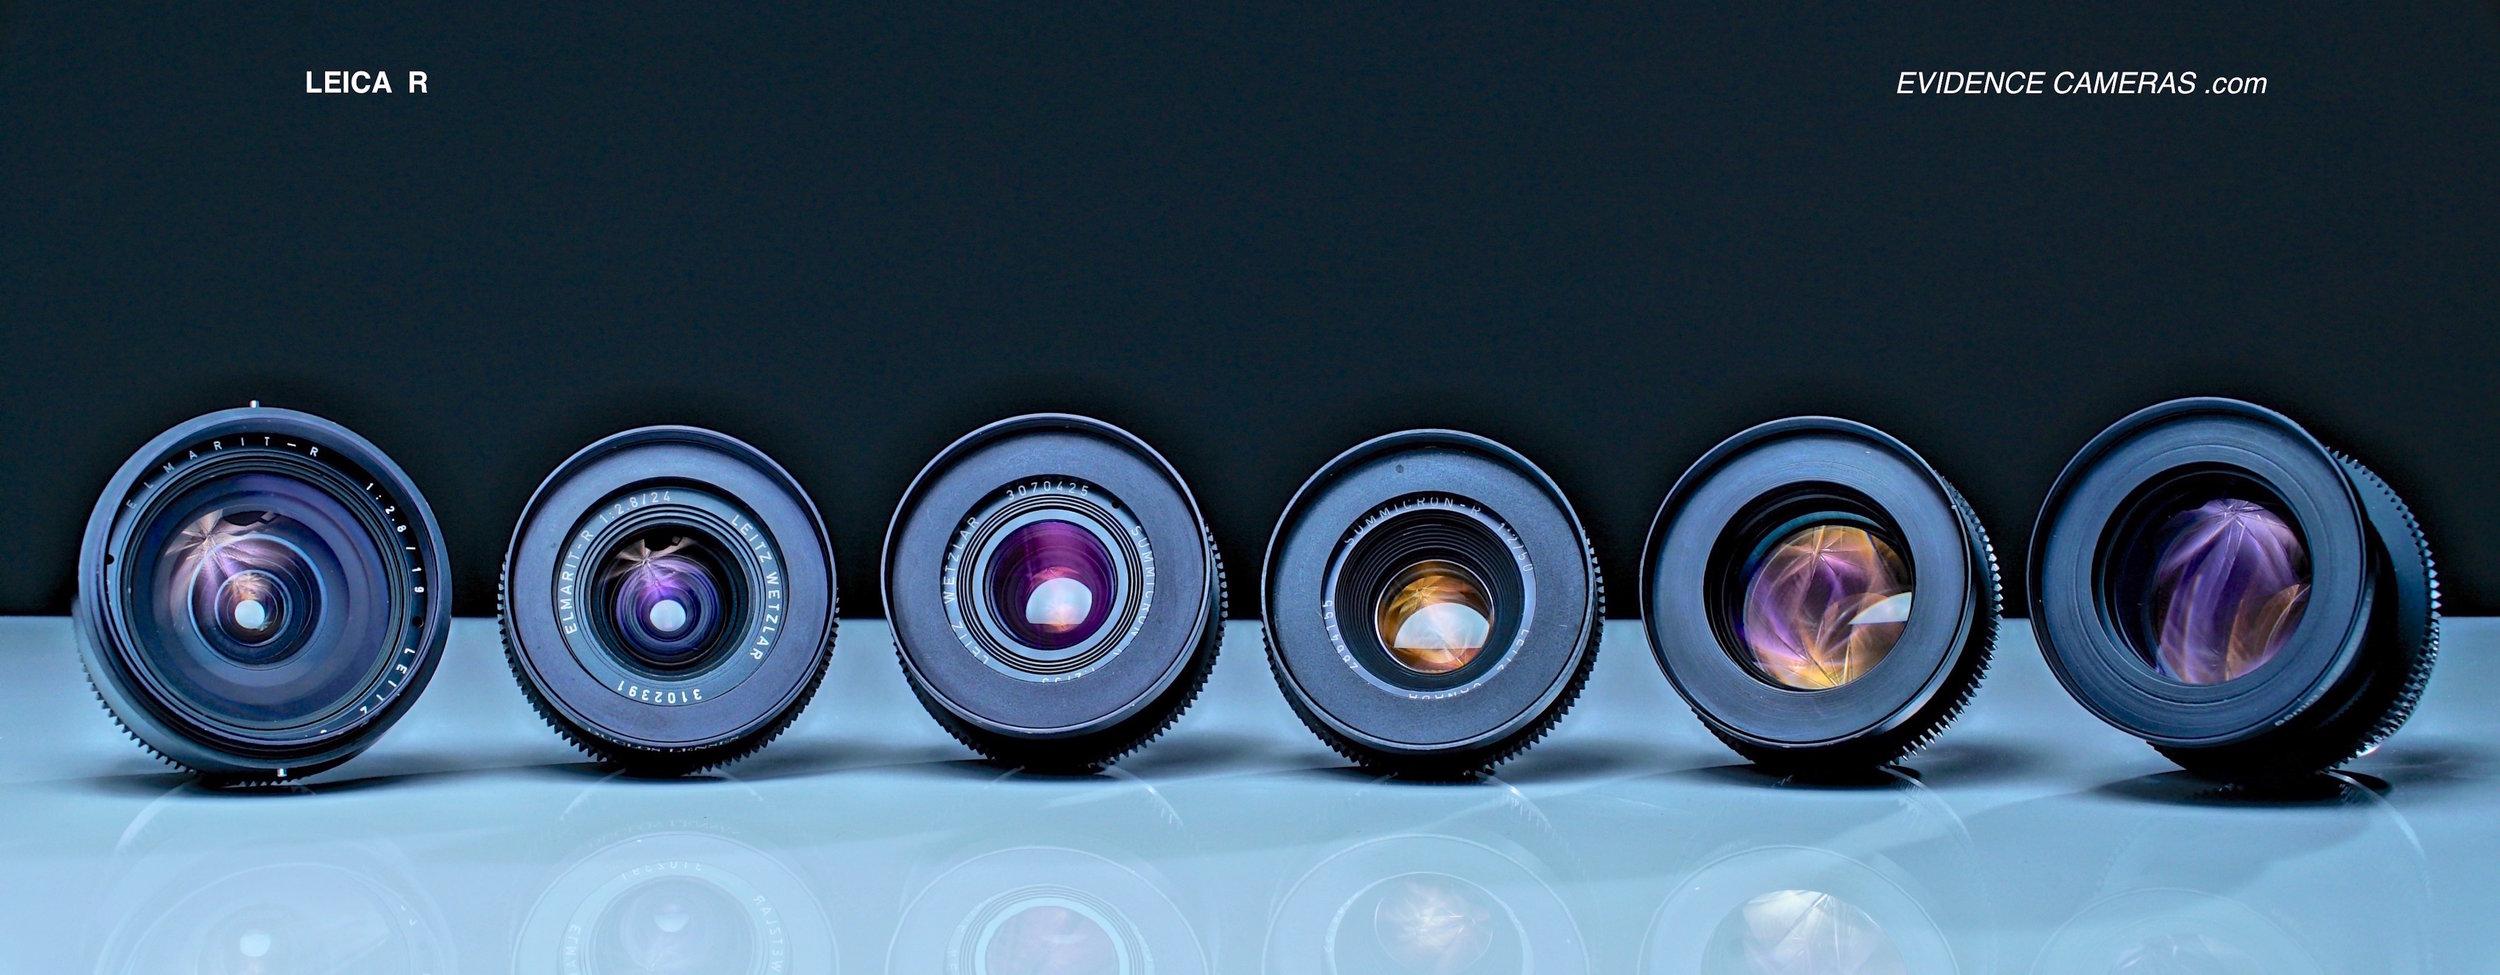 LEICA R Prime Set - Duclos Cinemod (SET OF 6 - Full Frame - EF Mount)   19mm 2.8, 24mm 2.8, 35mm 2.0, 50mm 2.0, 90mm 2.0, 135mm 2.8